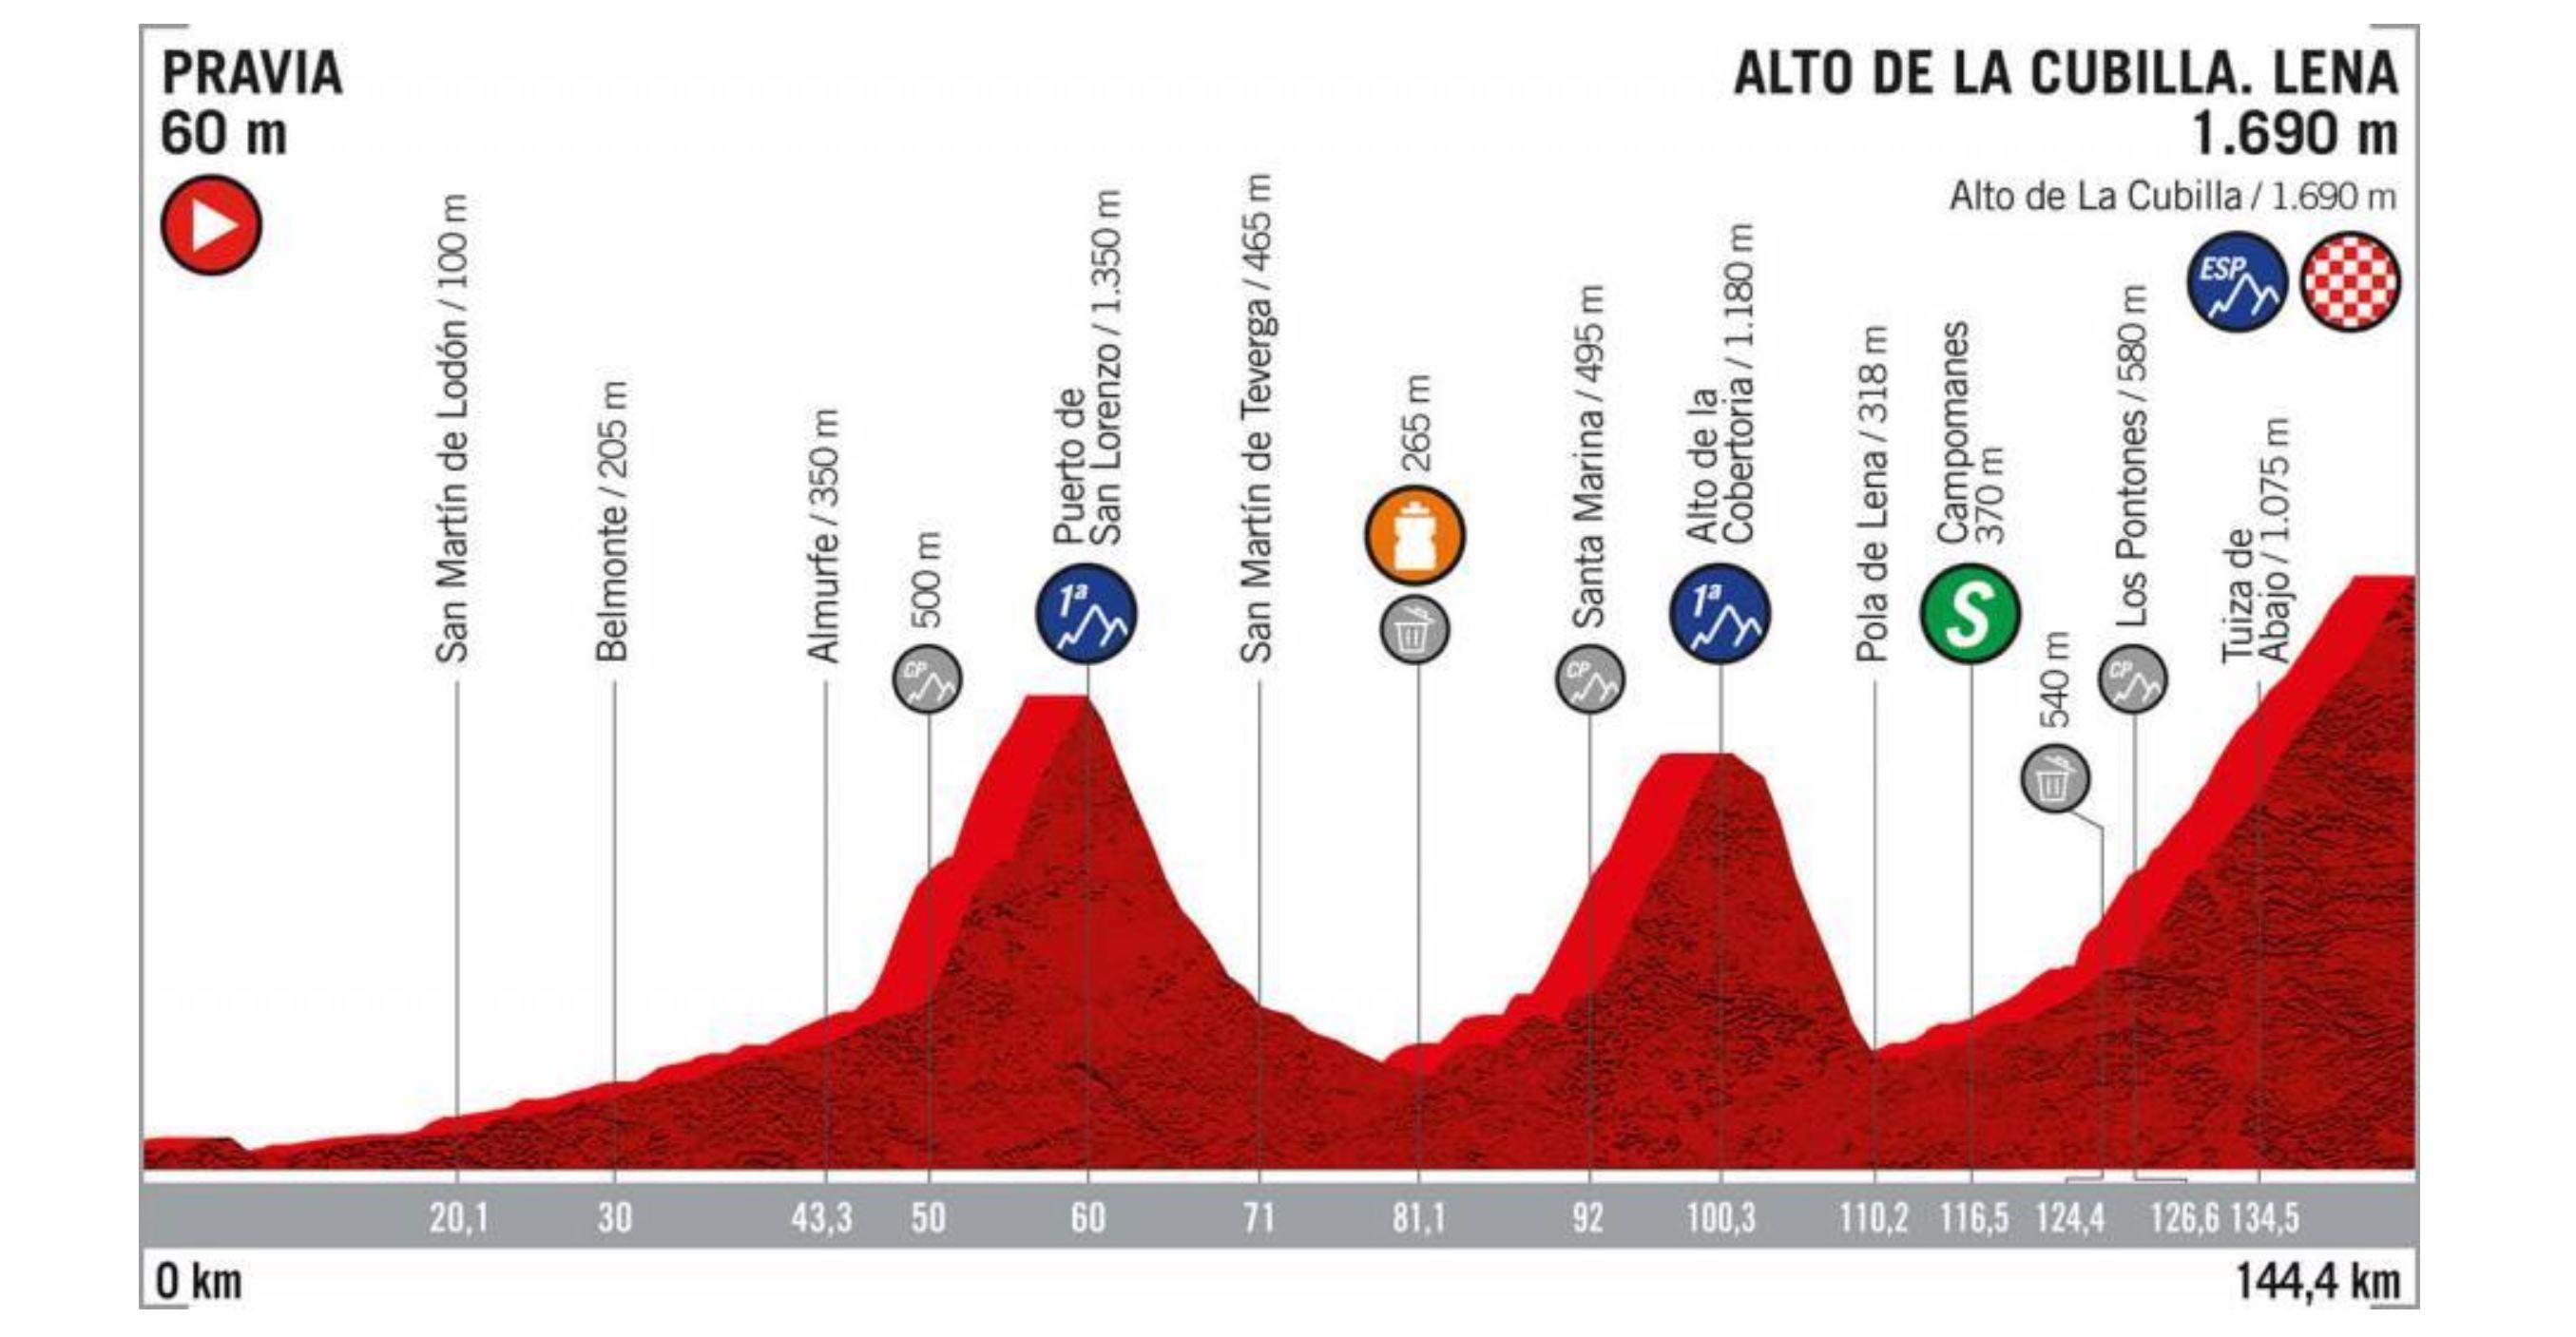 La Vuelta a Espana 2019, stage 16 profile